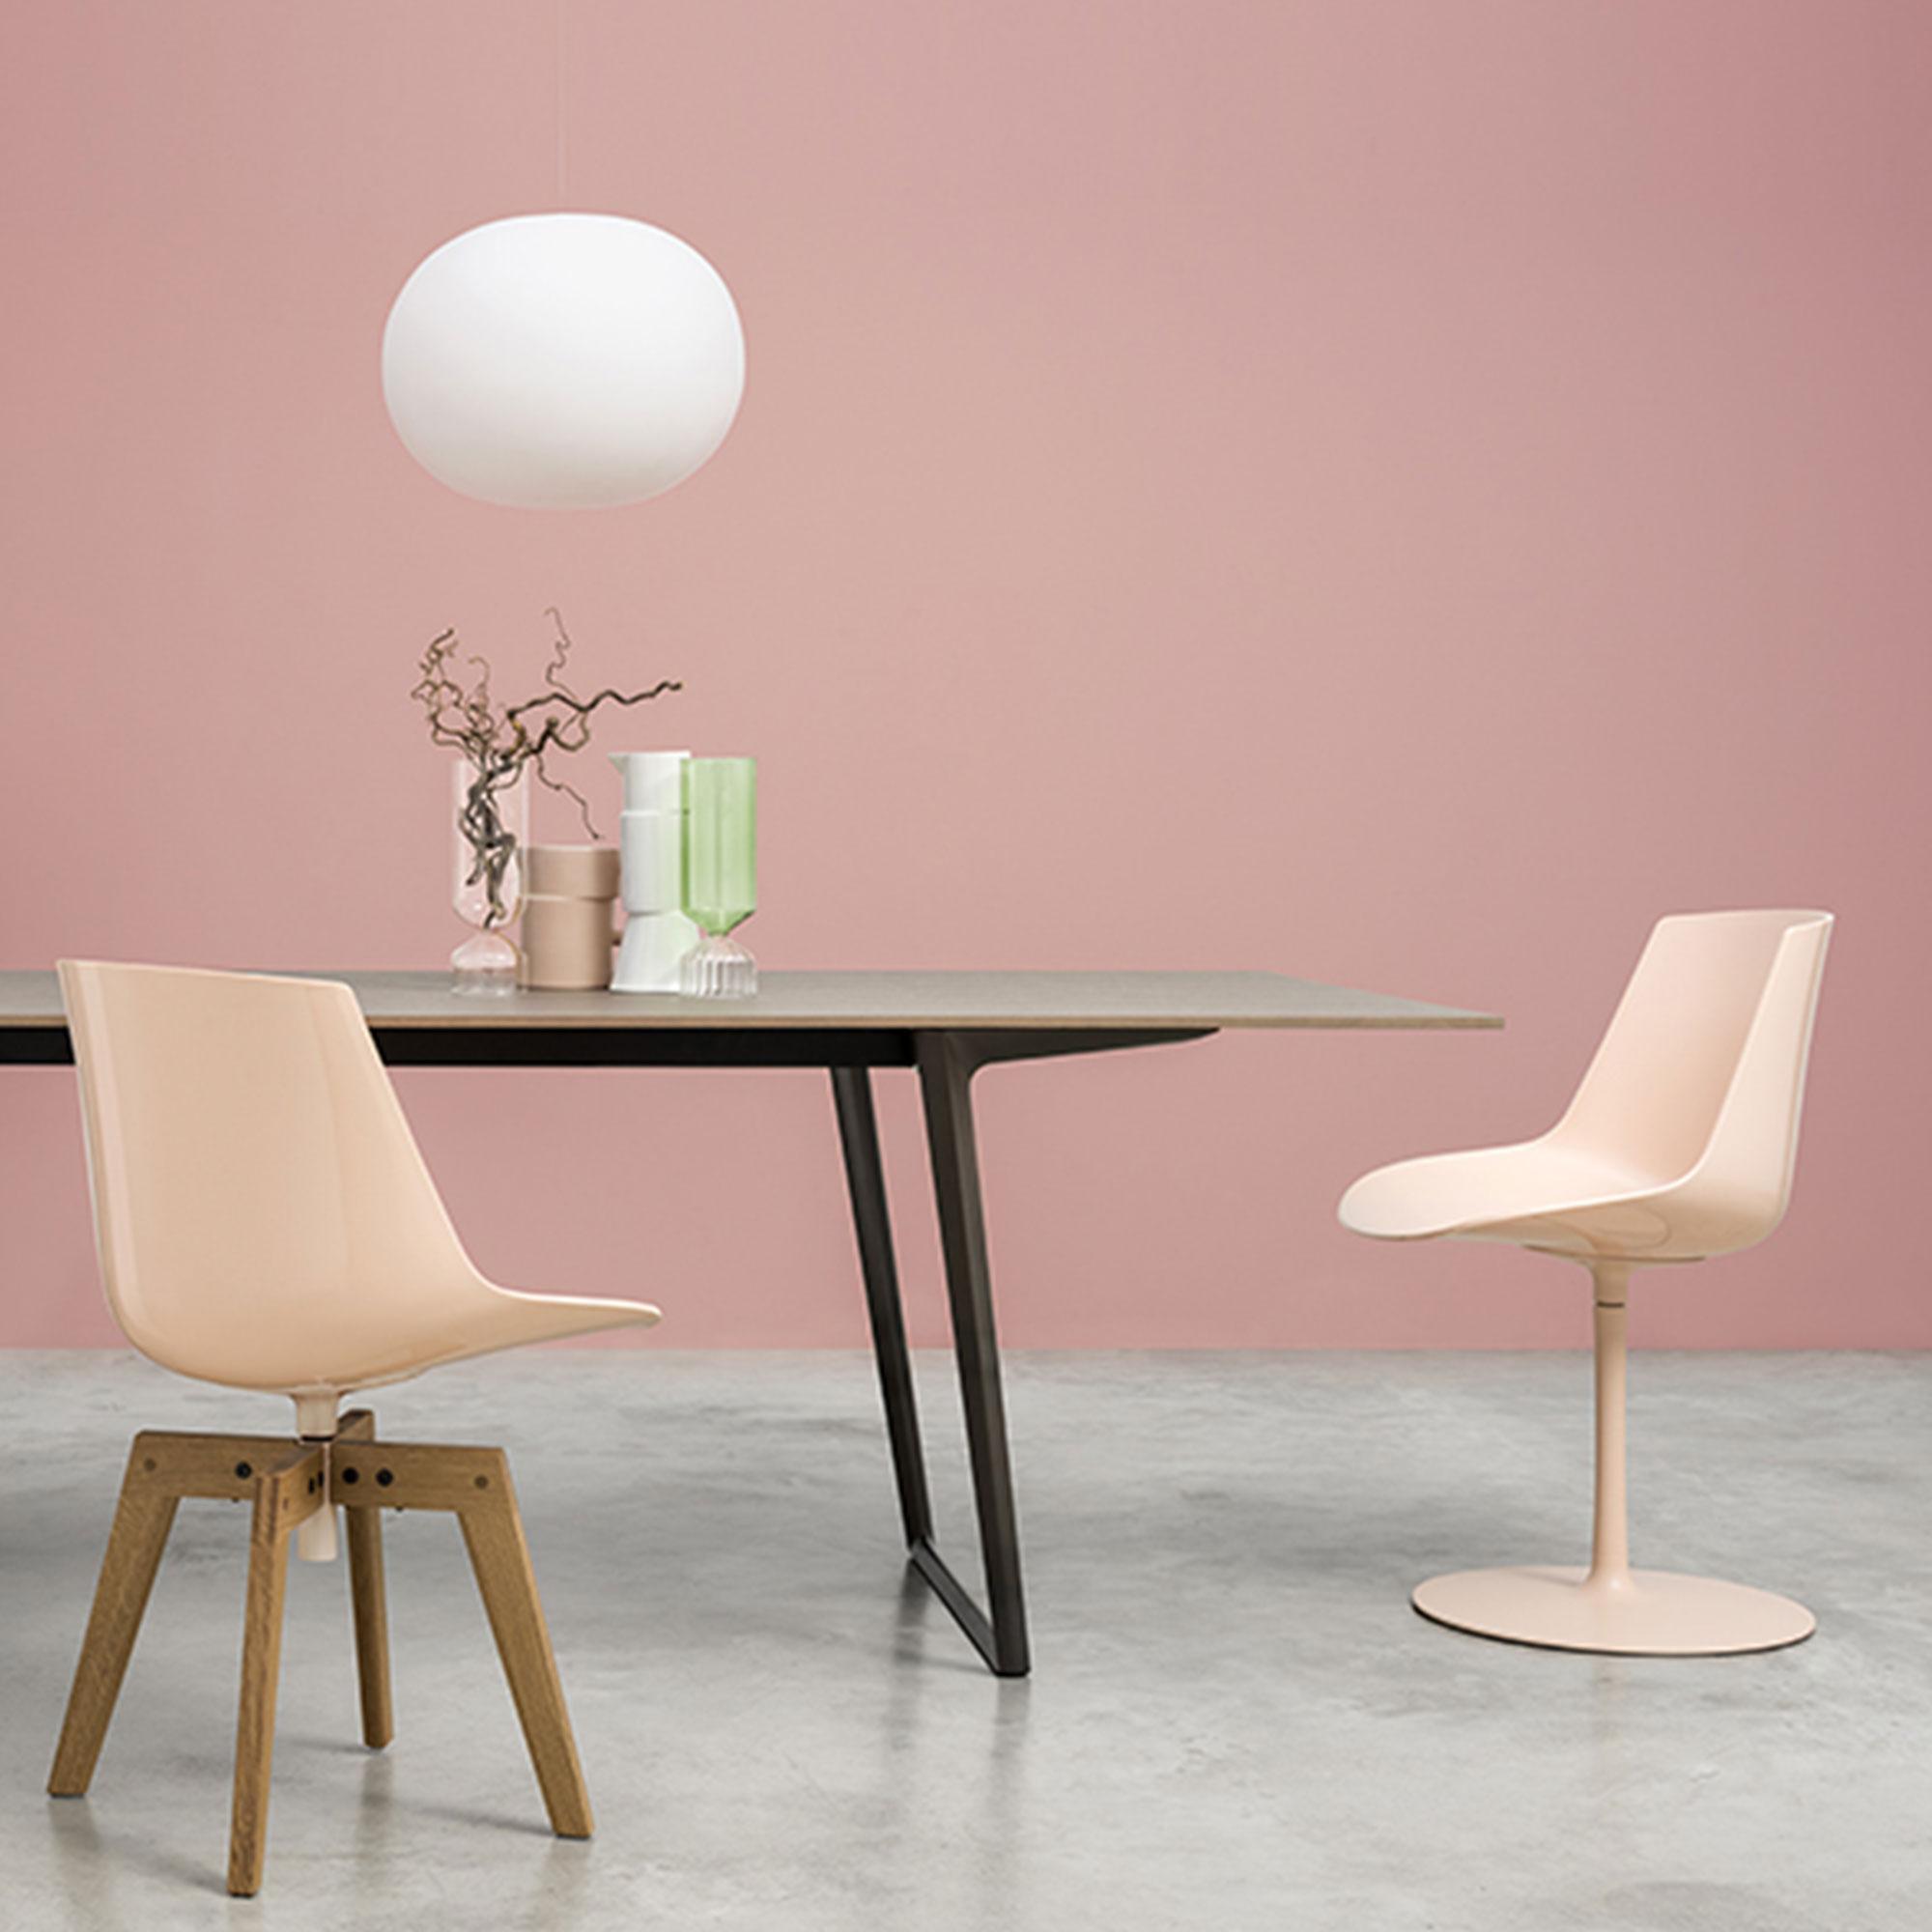 c955c7dc5e95 Köp Axy Comfort Extension Table från MDF Italia | Nordiska Galleriet